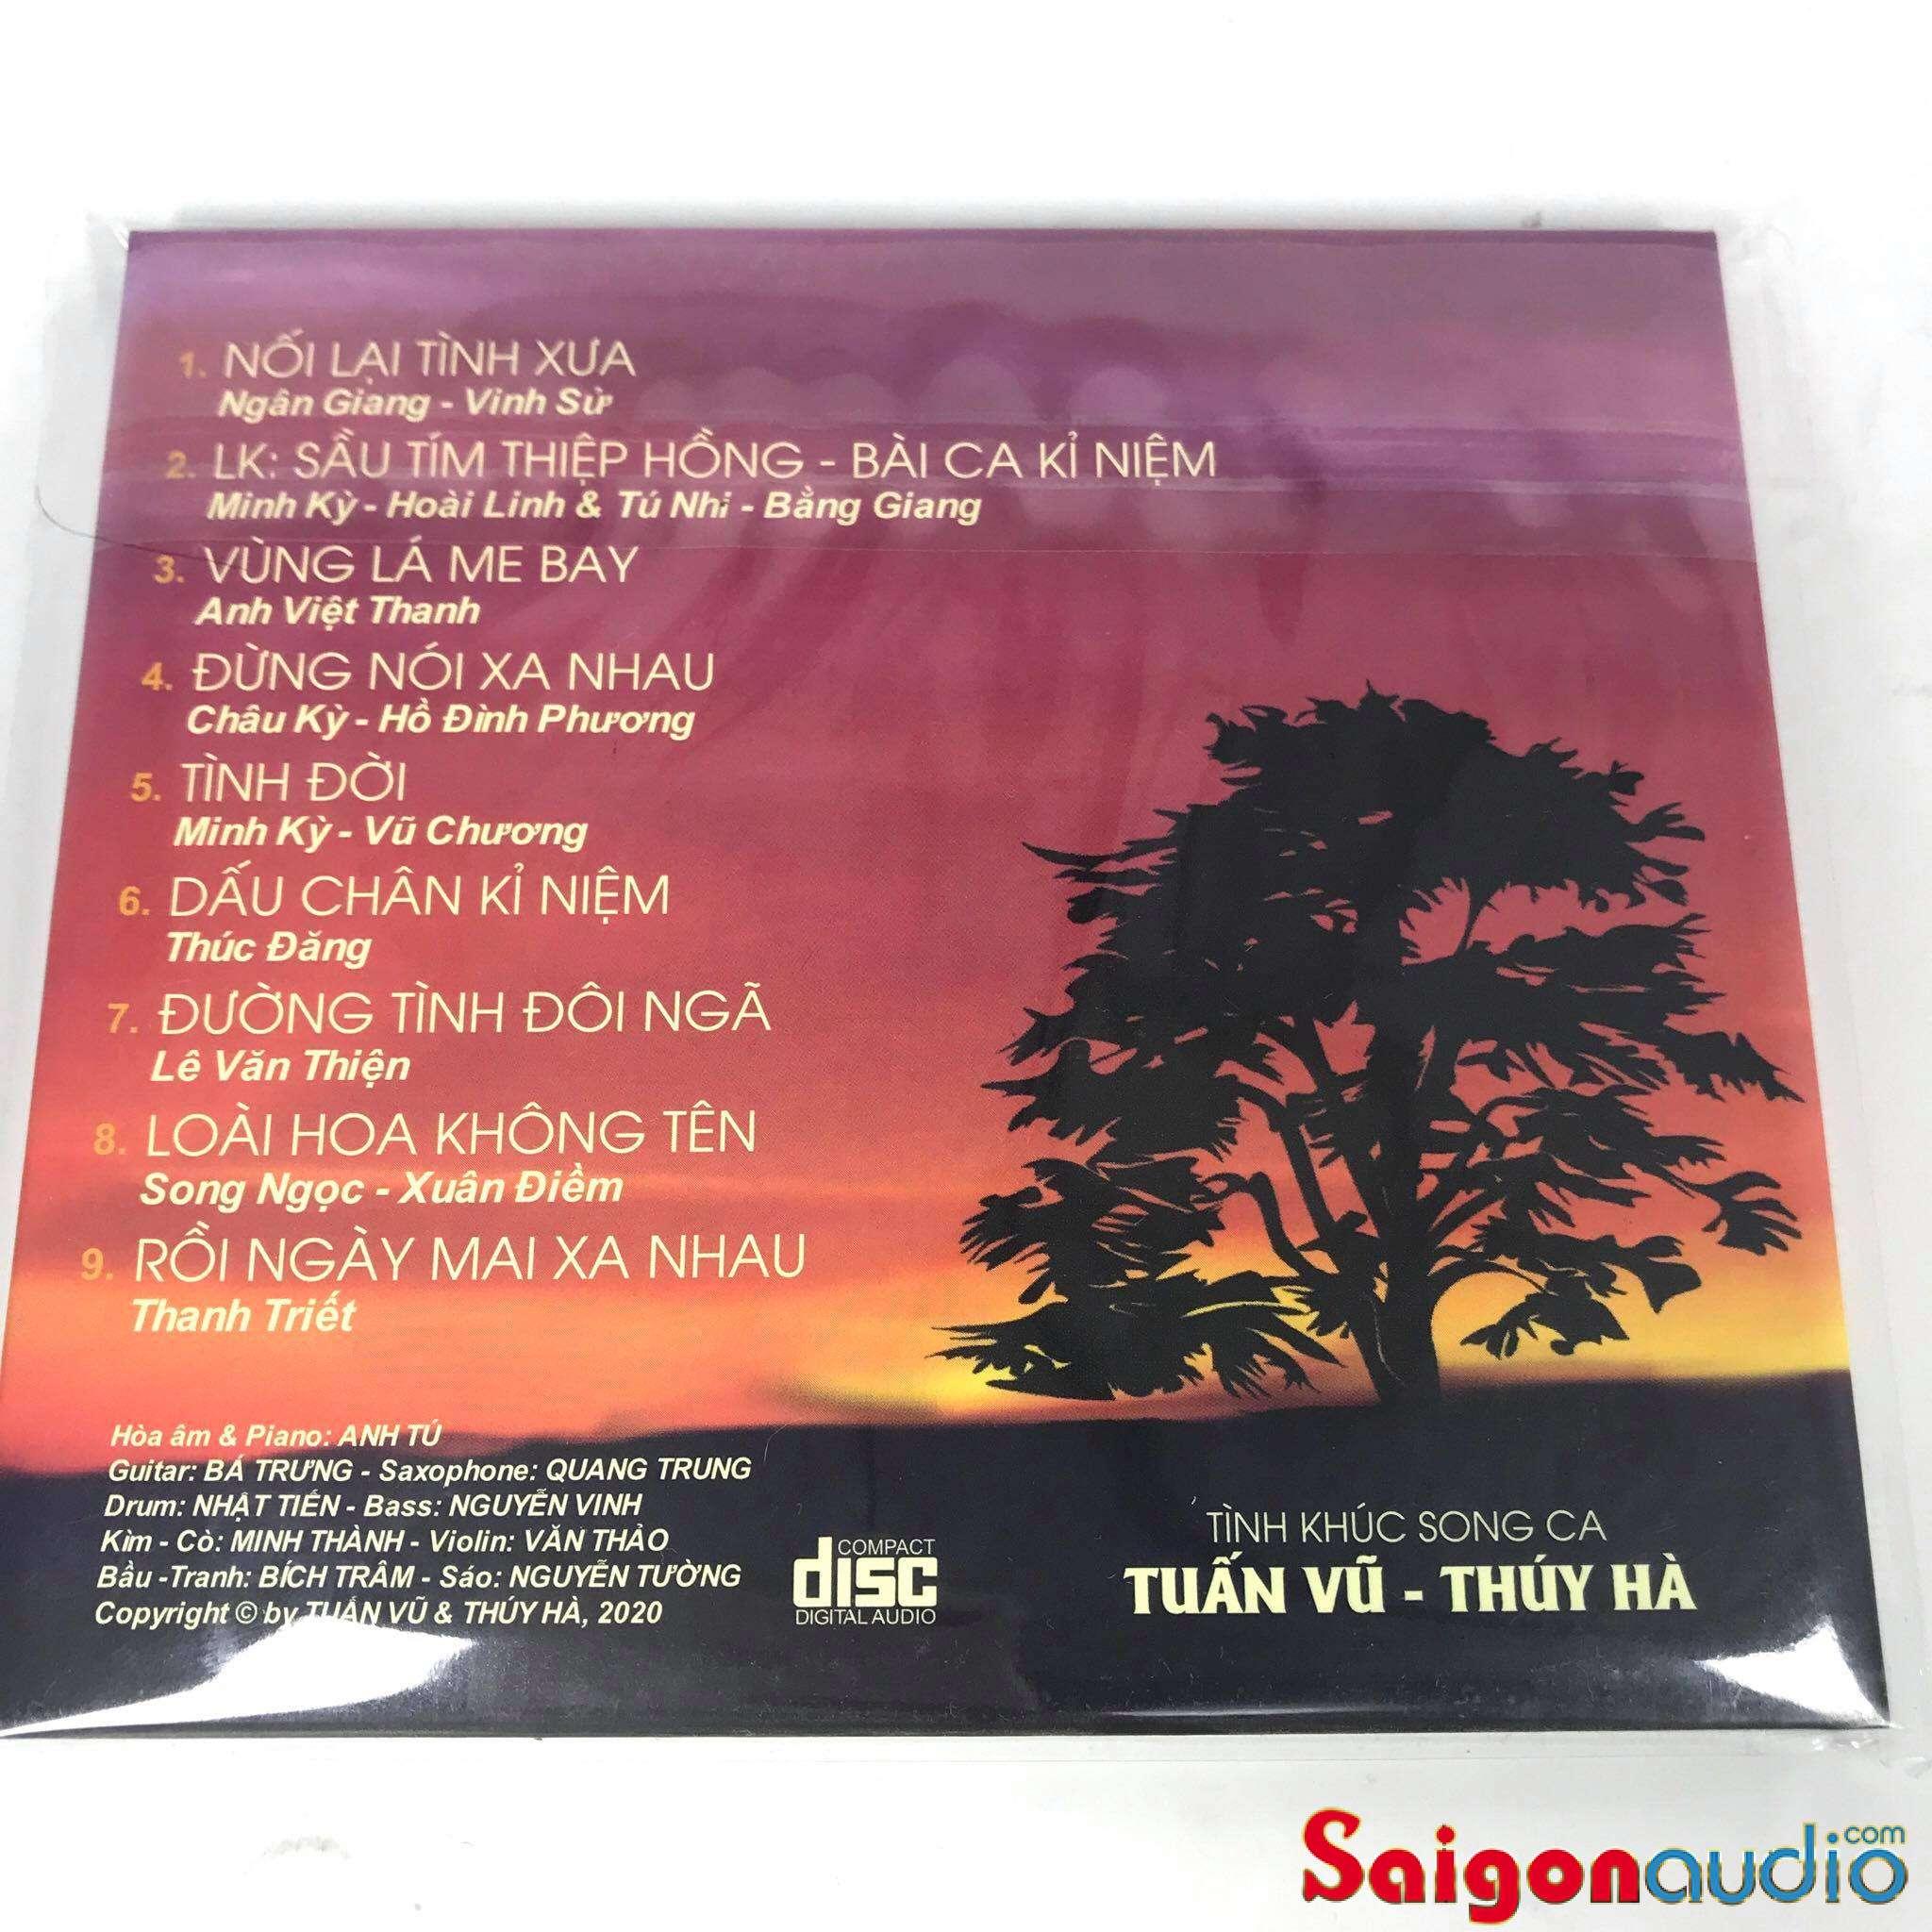 Đĩa CD nhạc gốc Tuấn Vũ - Thuý Hà - Tình Khúc Song Ca (Free ship khi mua 2 đĩa CD cùng hoặc khác loại)